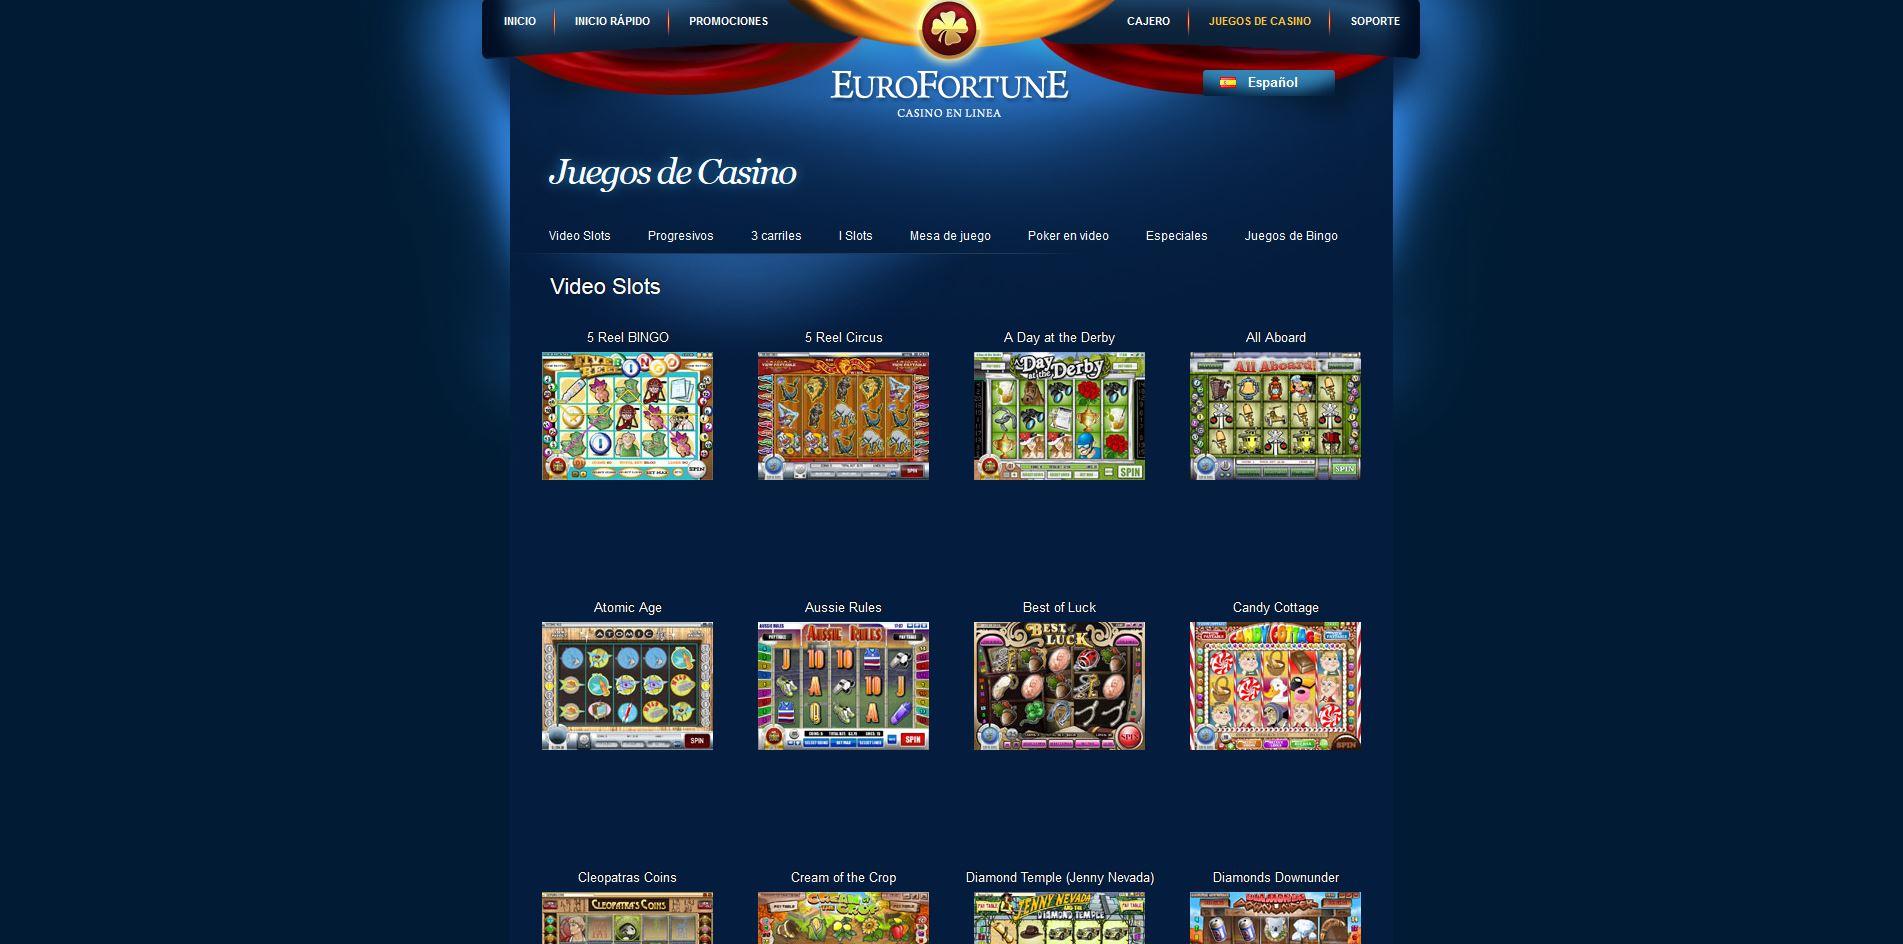 € gratis apuestas al combate casinos on line en estados unidos-663699